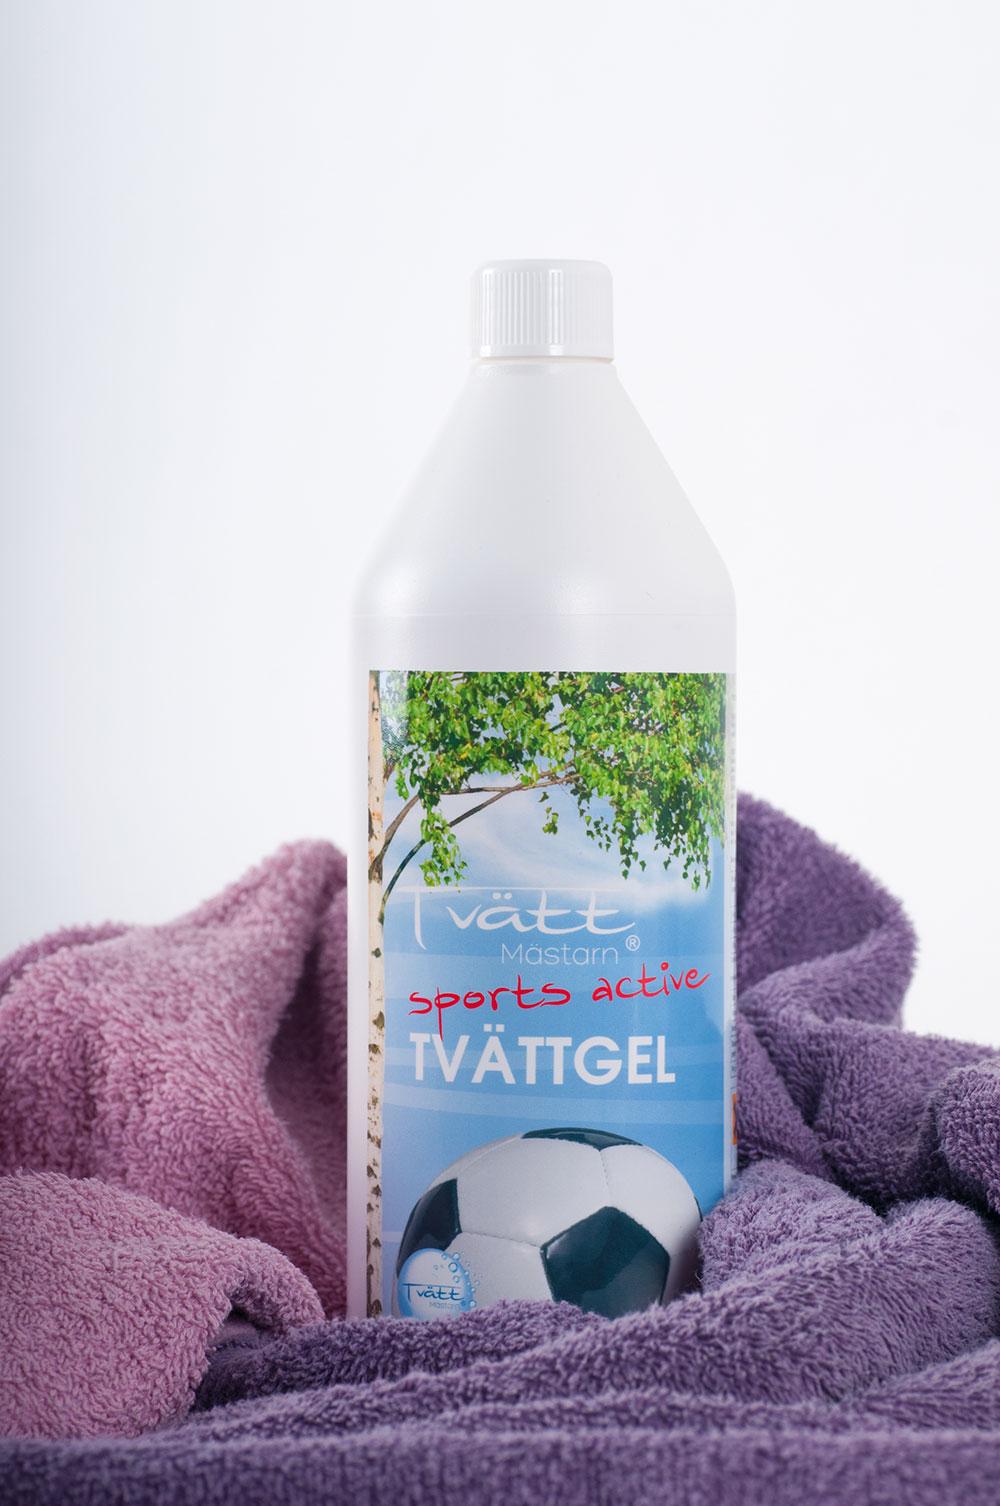 Tvättmästarns Sports Active Tvättgel